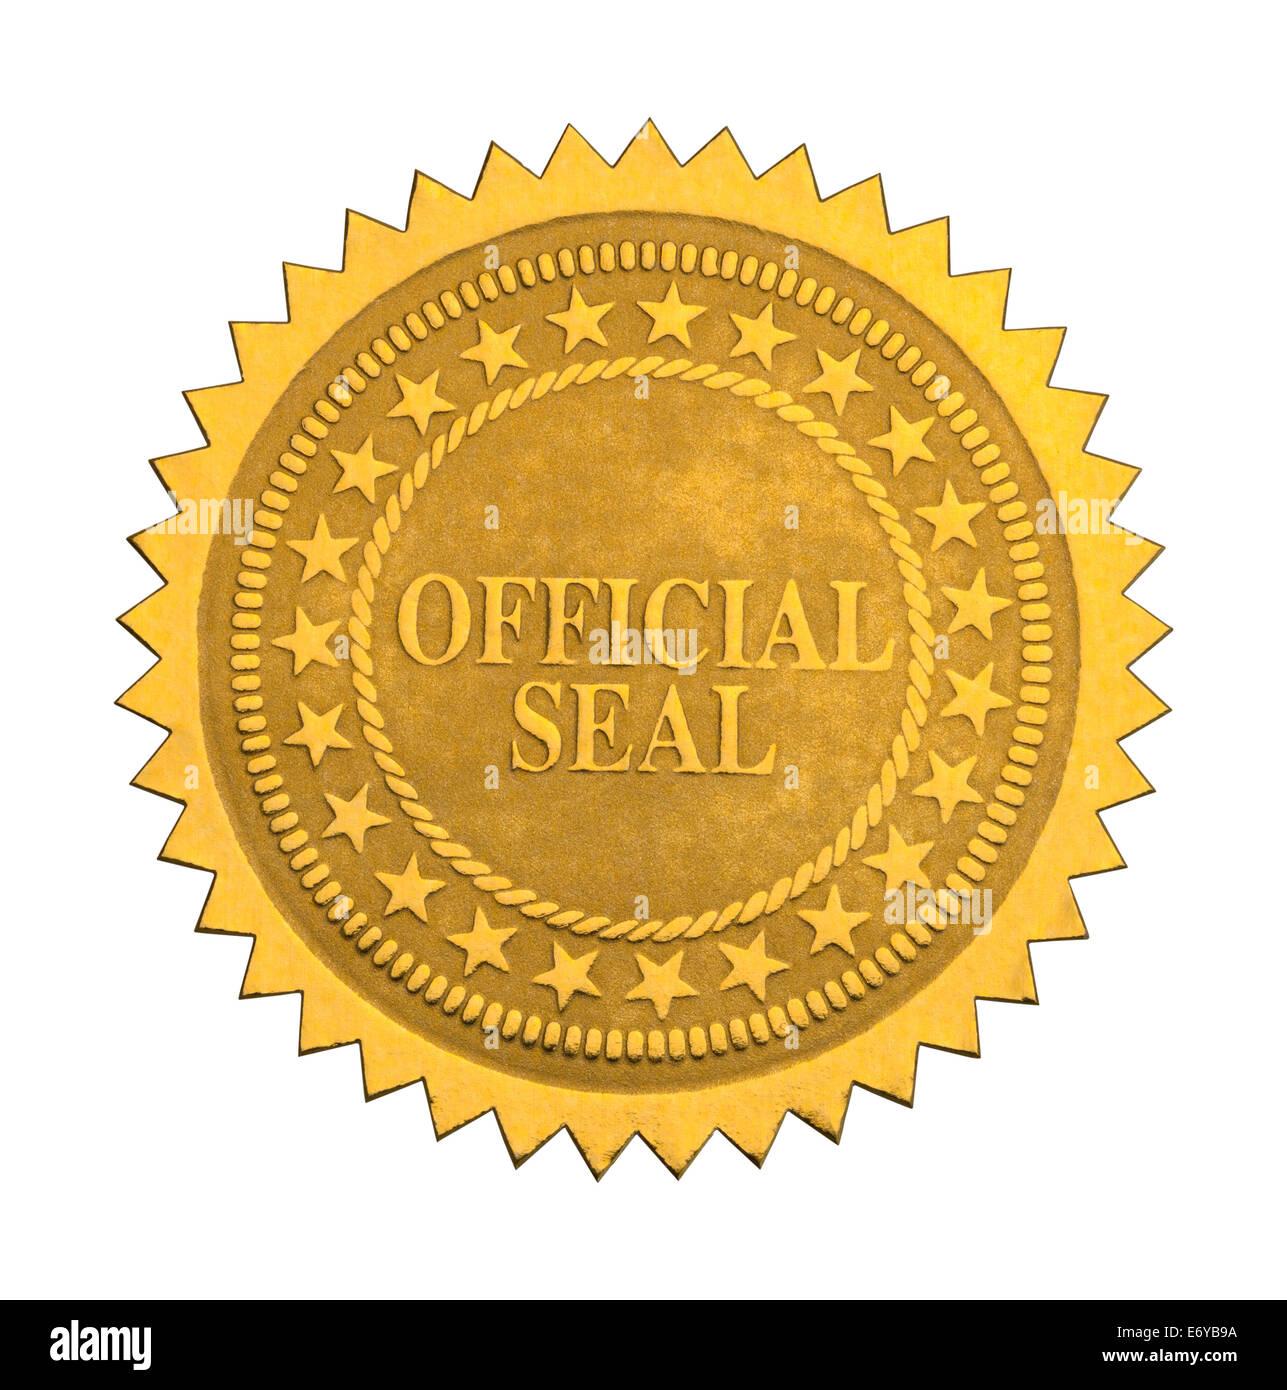 Reich verzierte Gold Siegel mit Sternen, Isolated on White Background. Stockbild